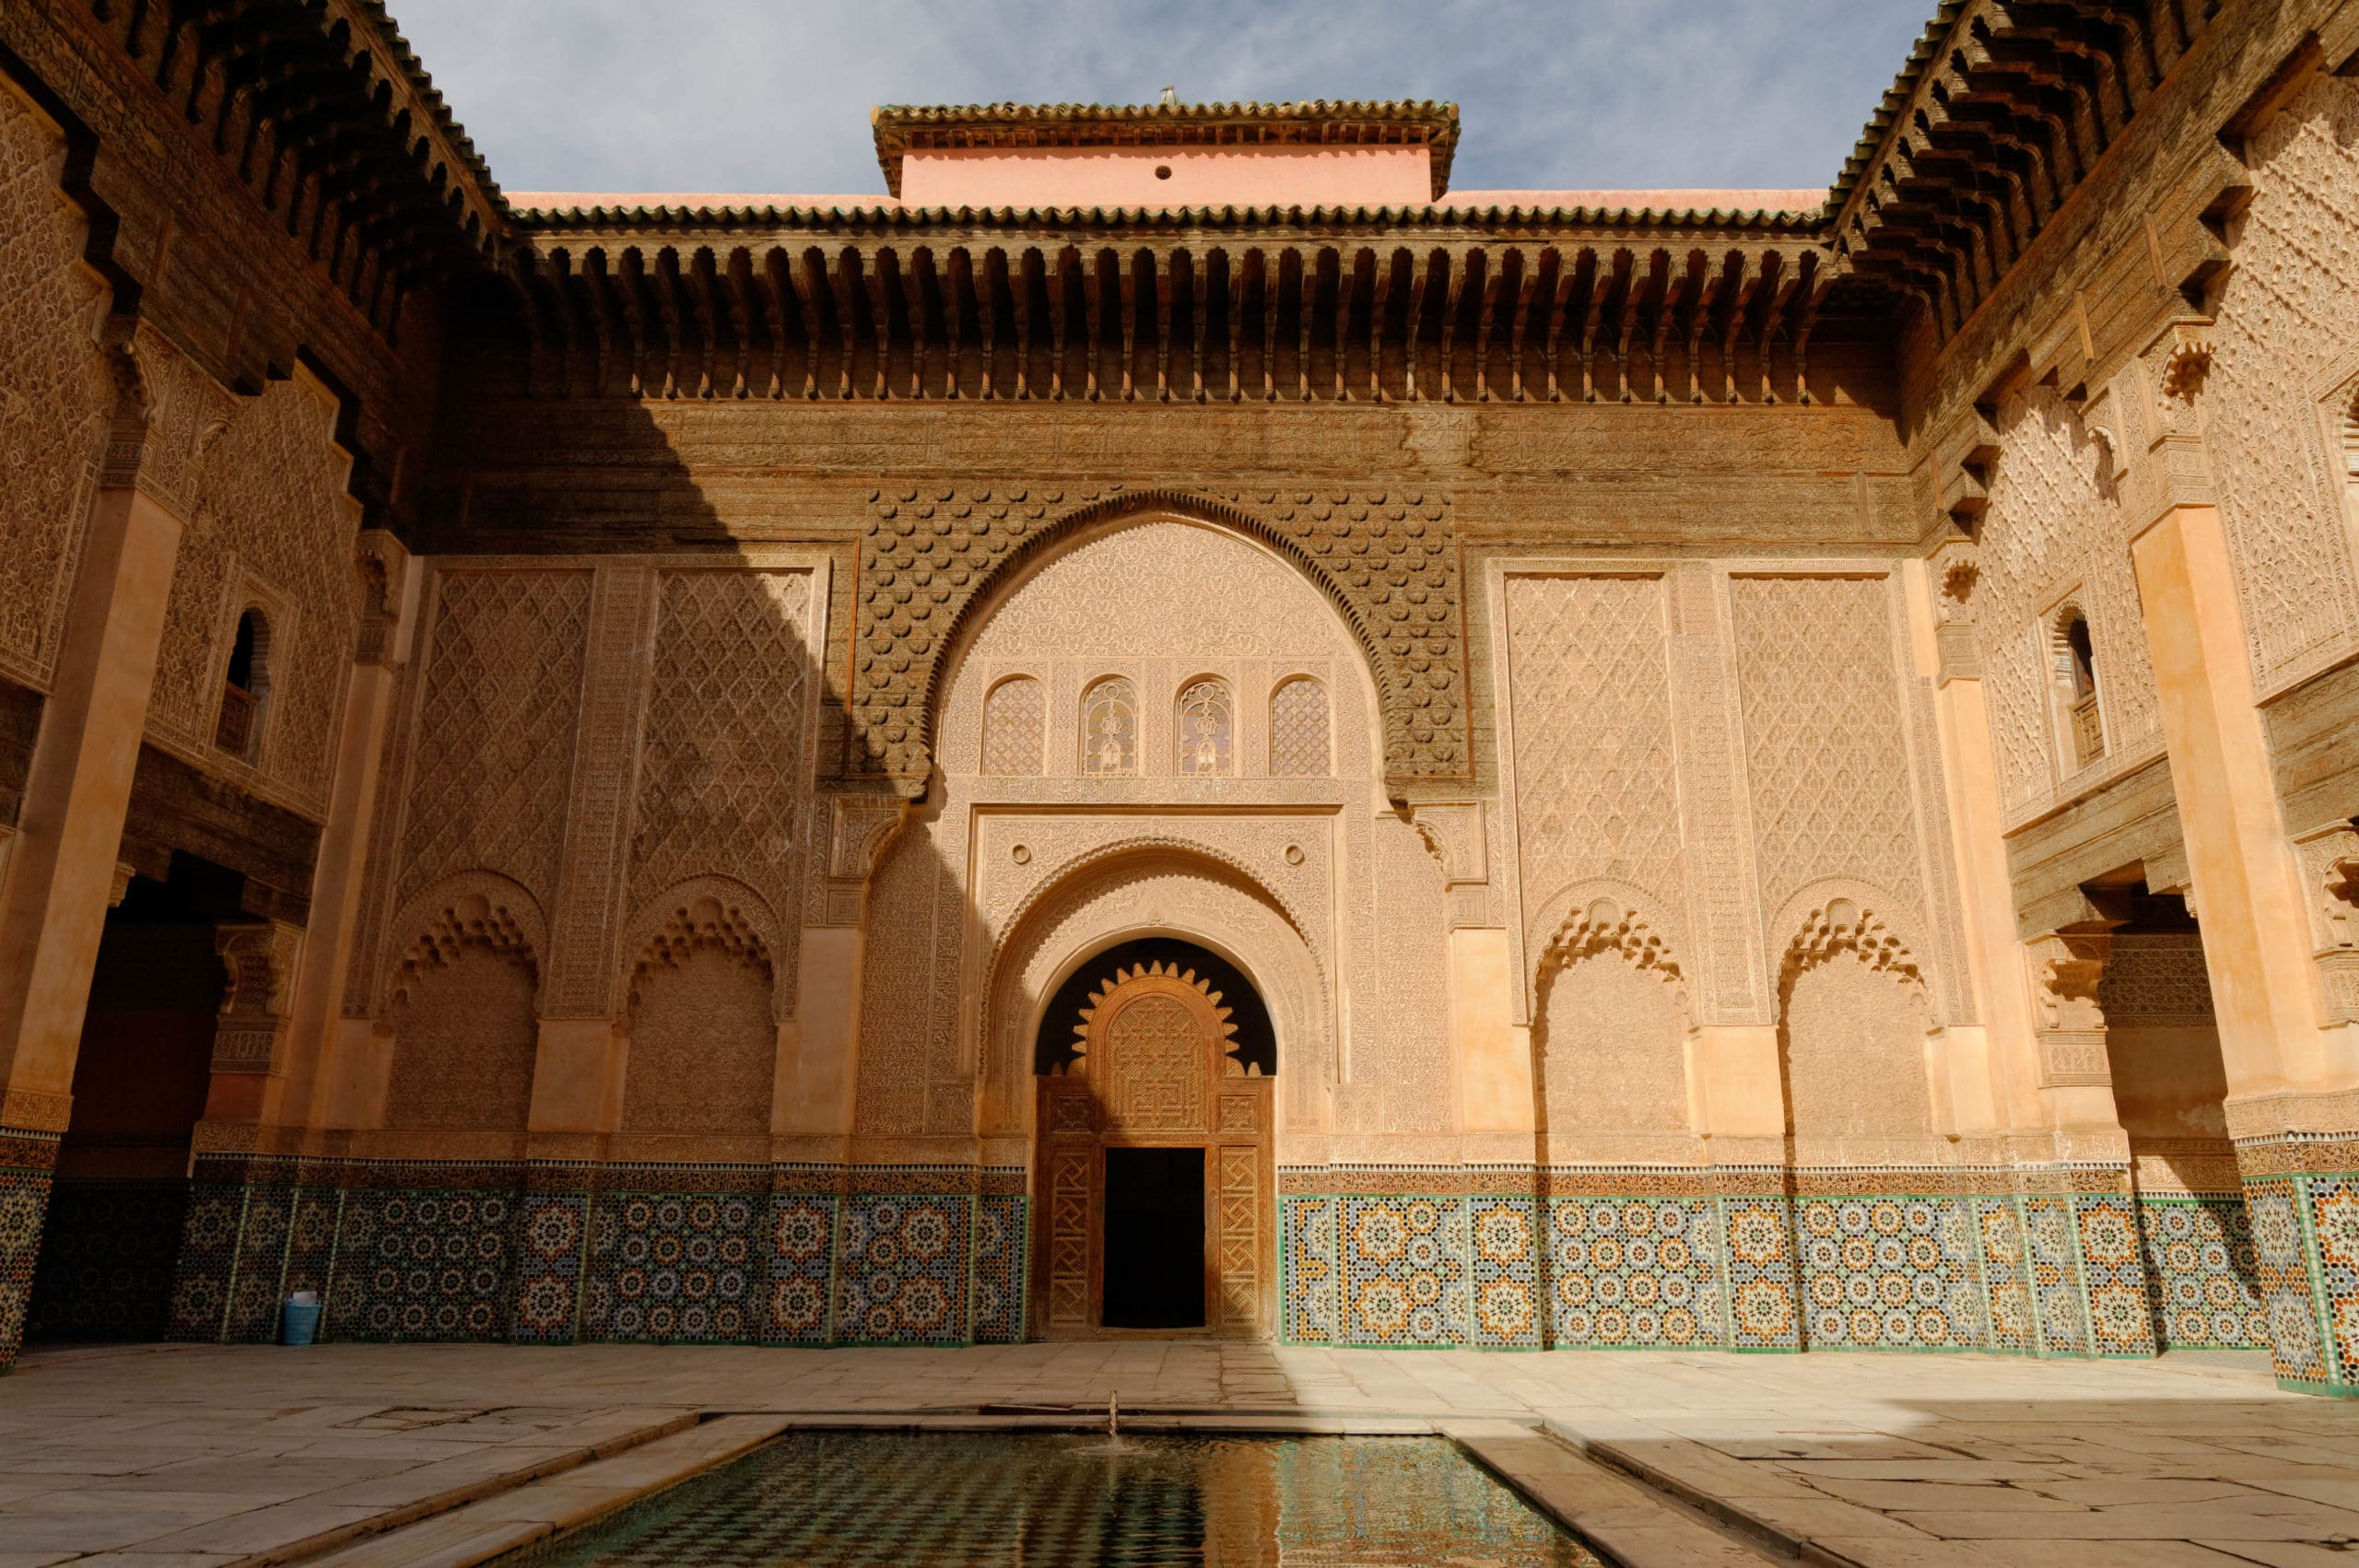 Cours intérieure de la Medersa Ben Youssef